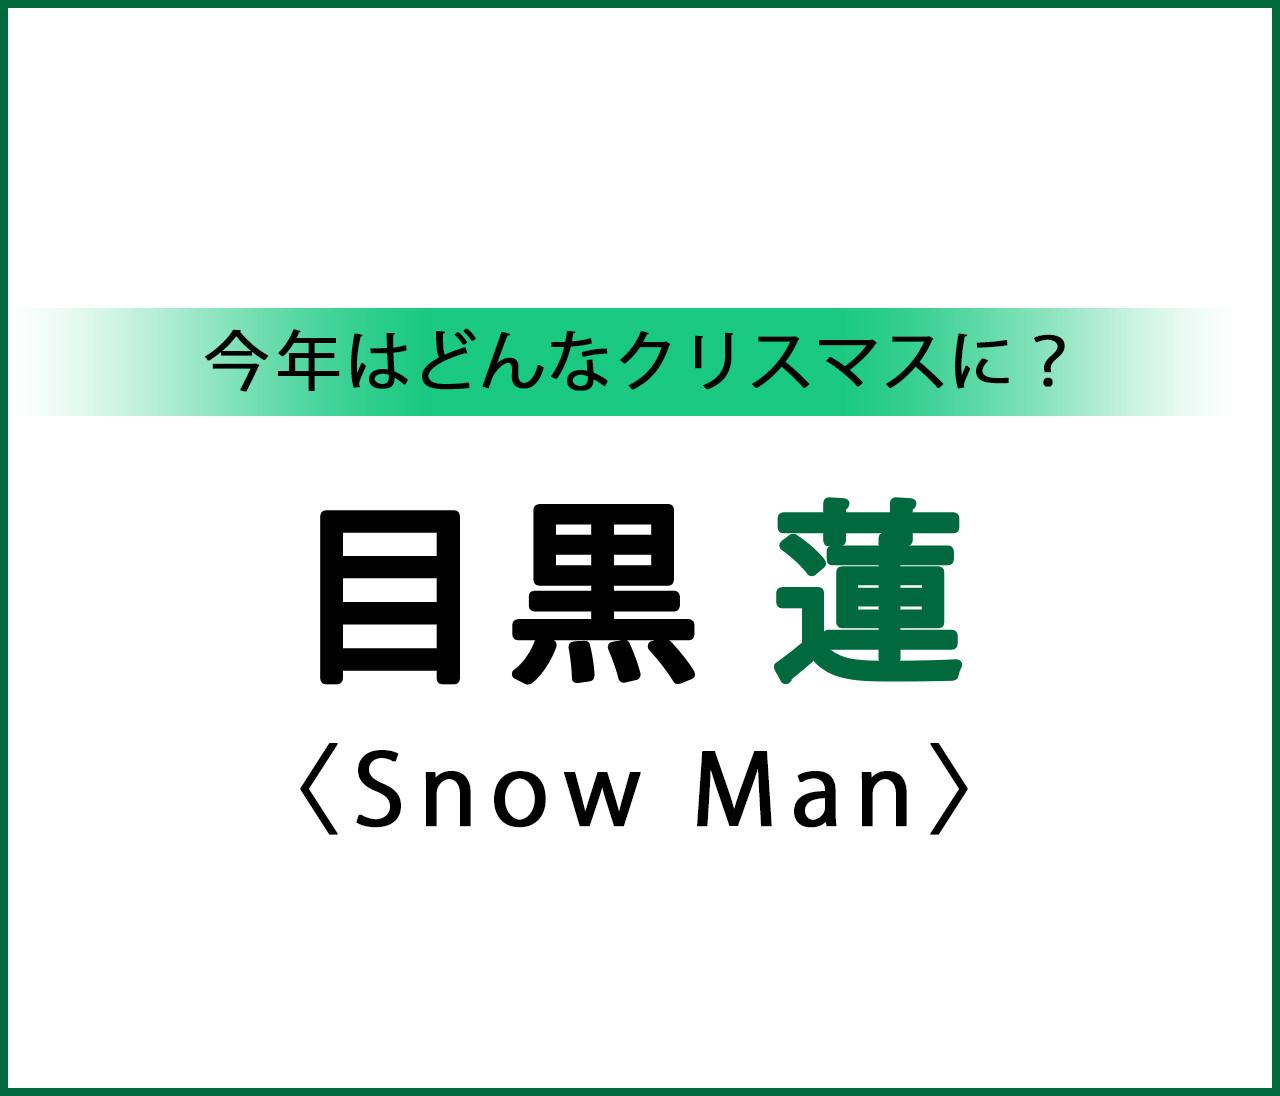 【Snow Man 目黒 蓮くんインタビュー】目黒家はどんなクリスマスだった?子供のころの思い出を聞いちゃいました!